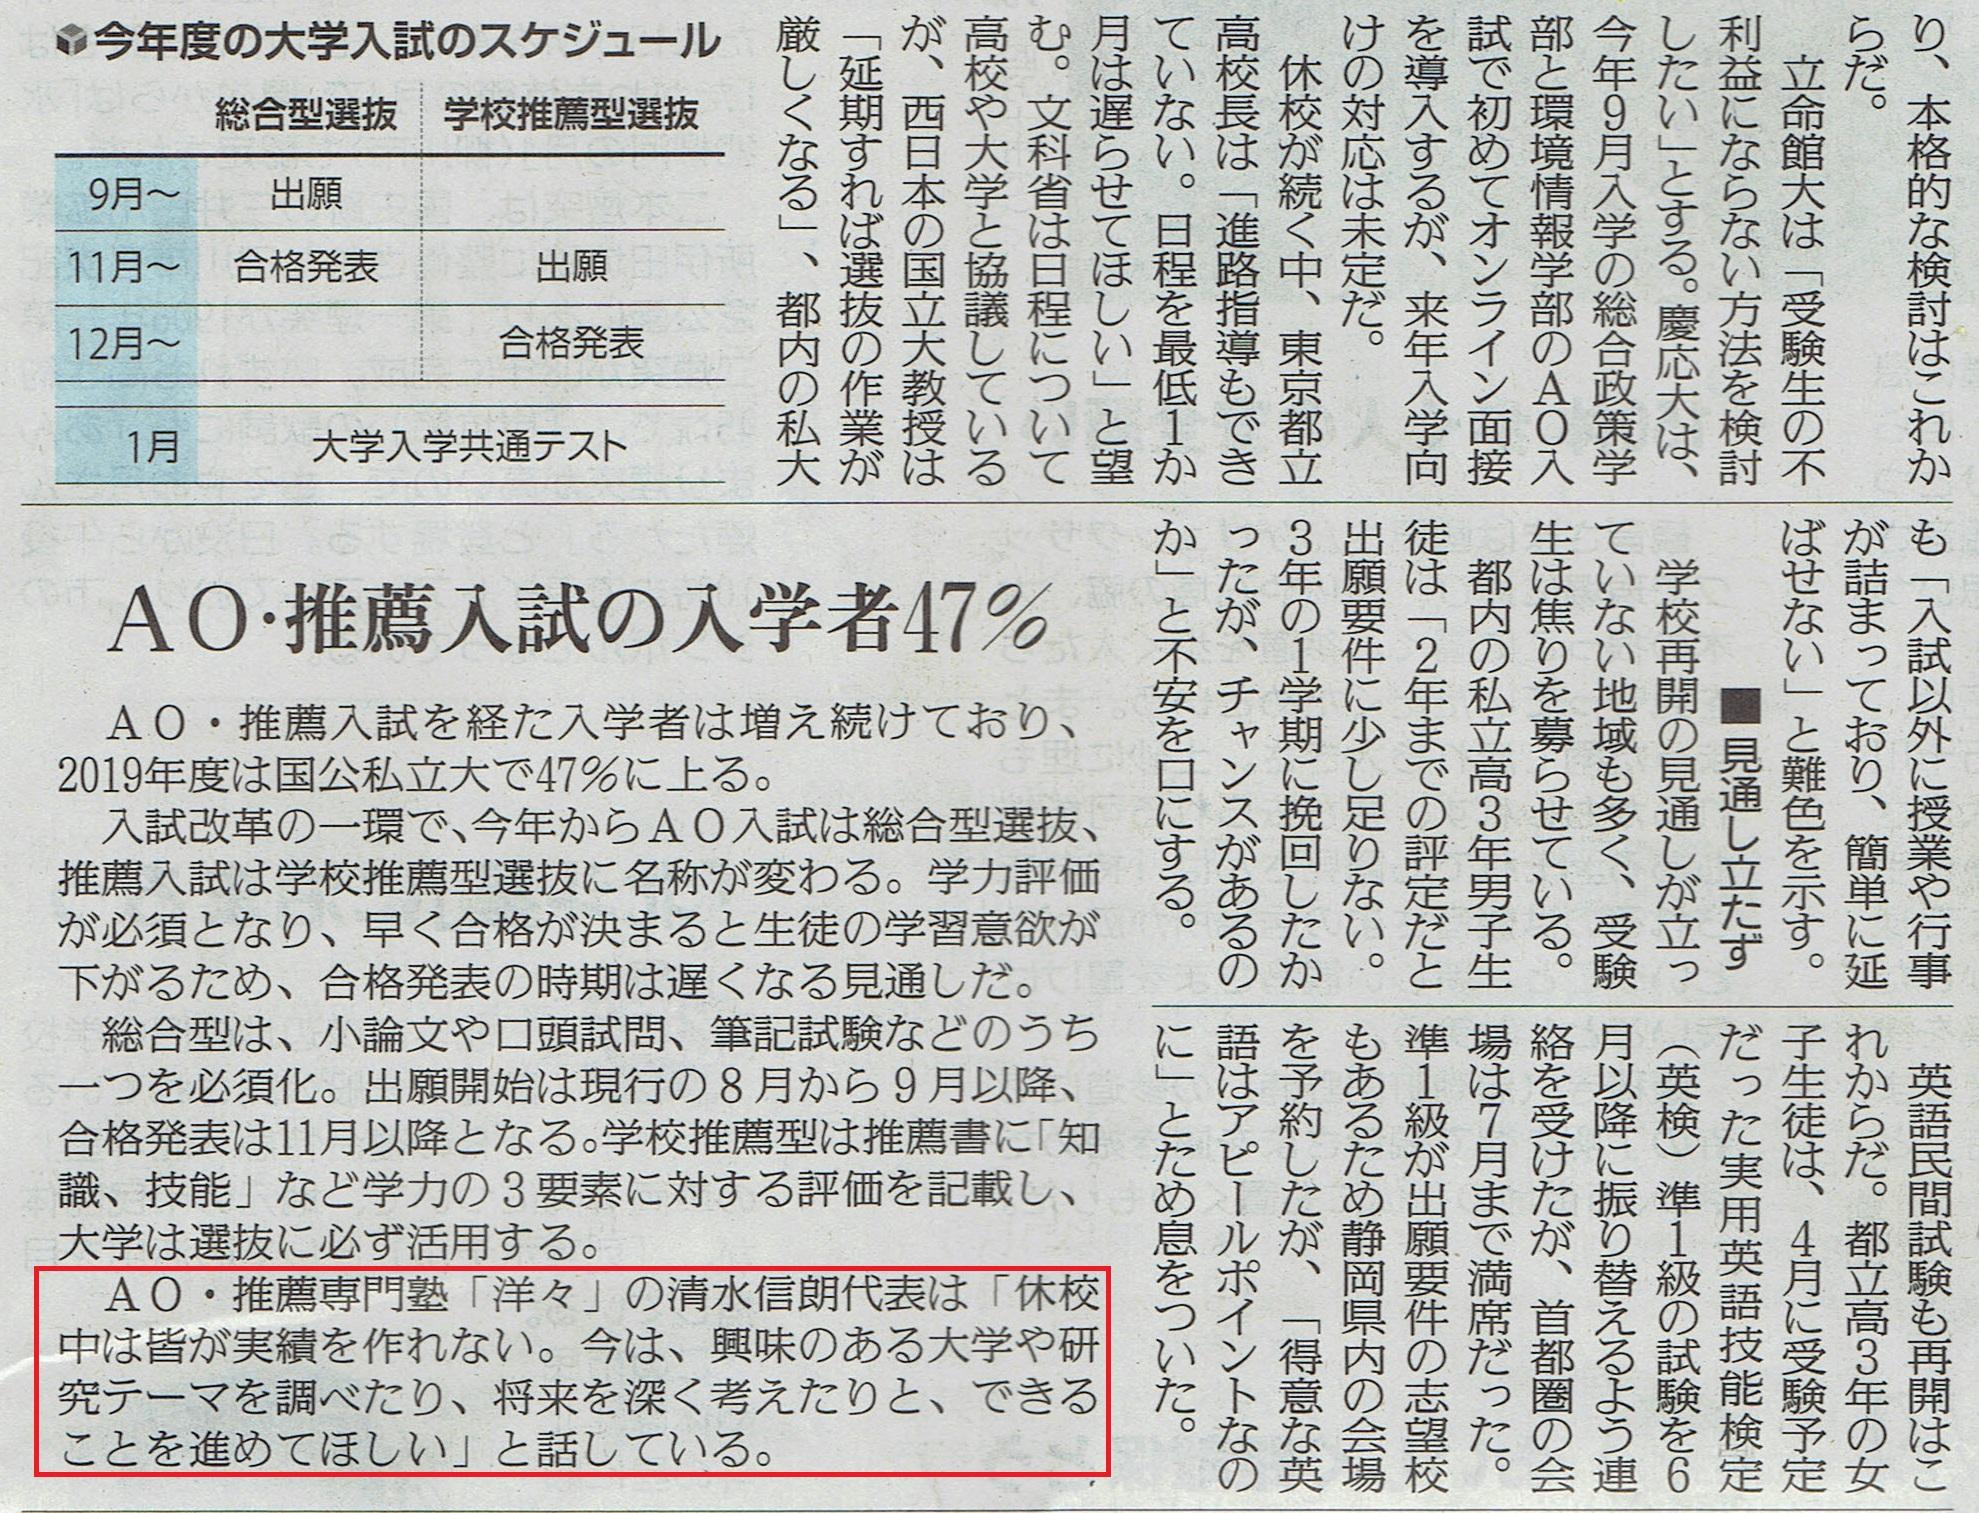 読売新聞記事5/16